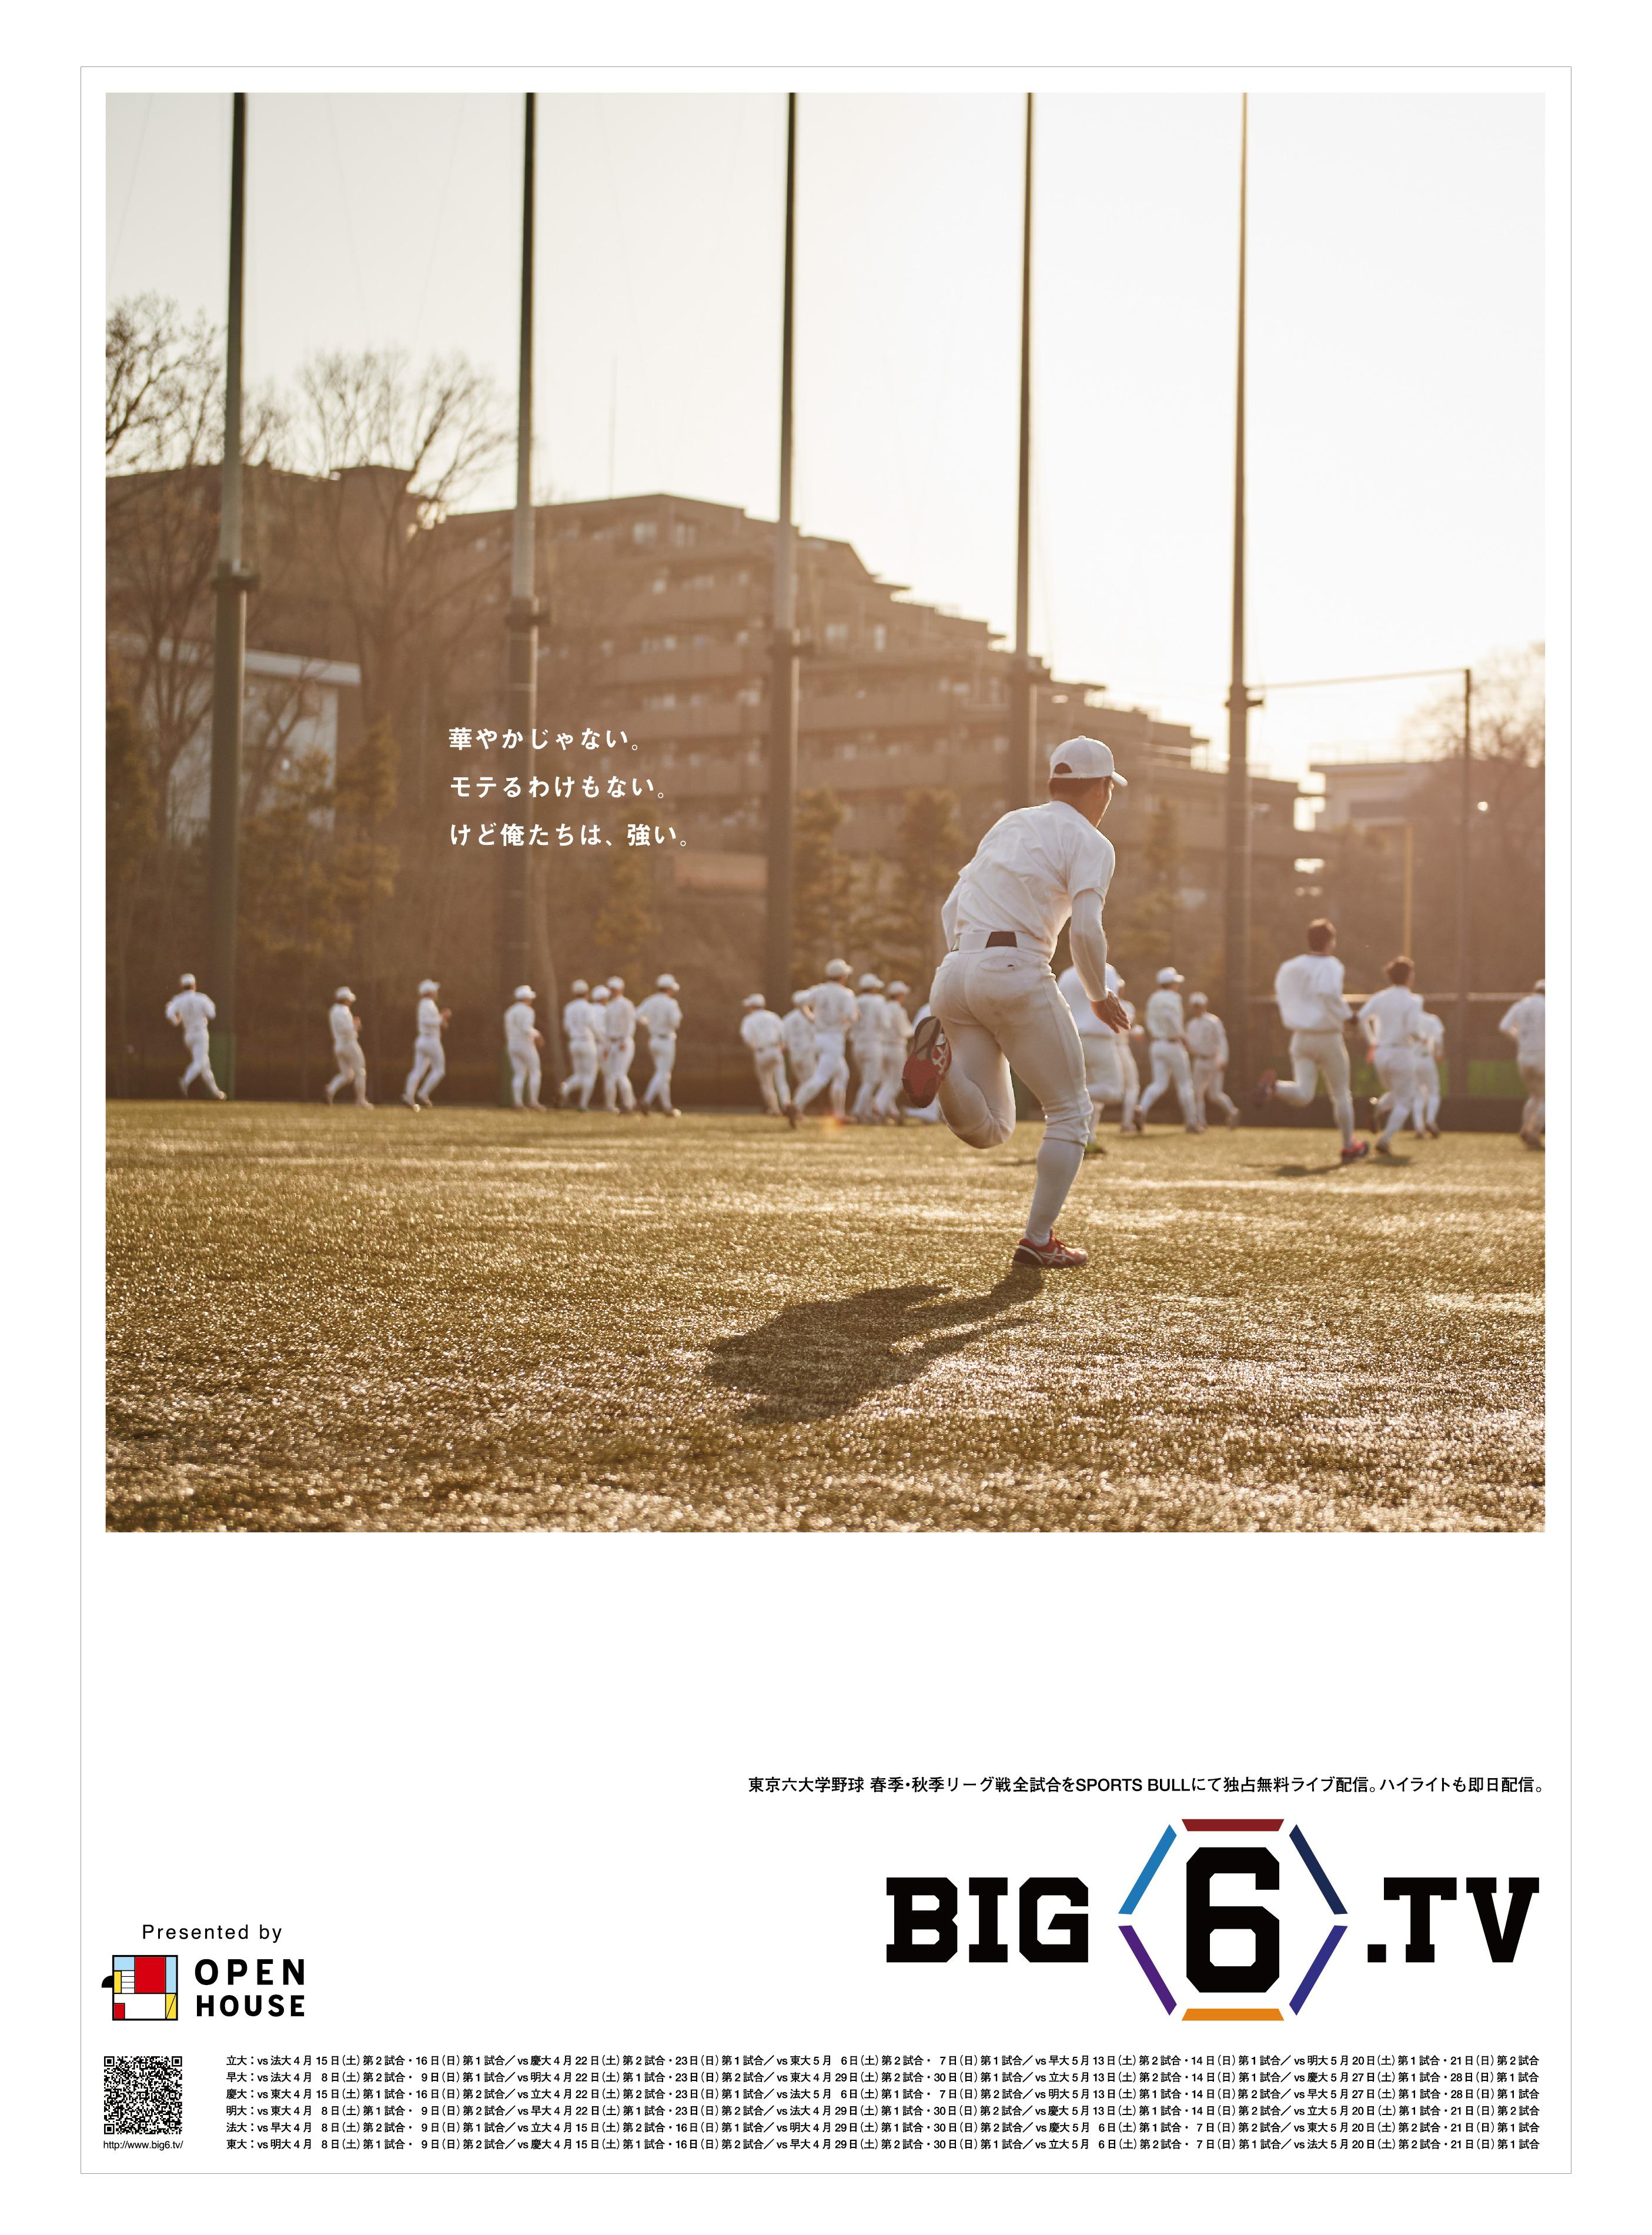 big6-17